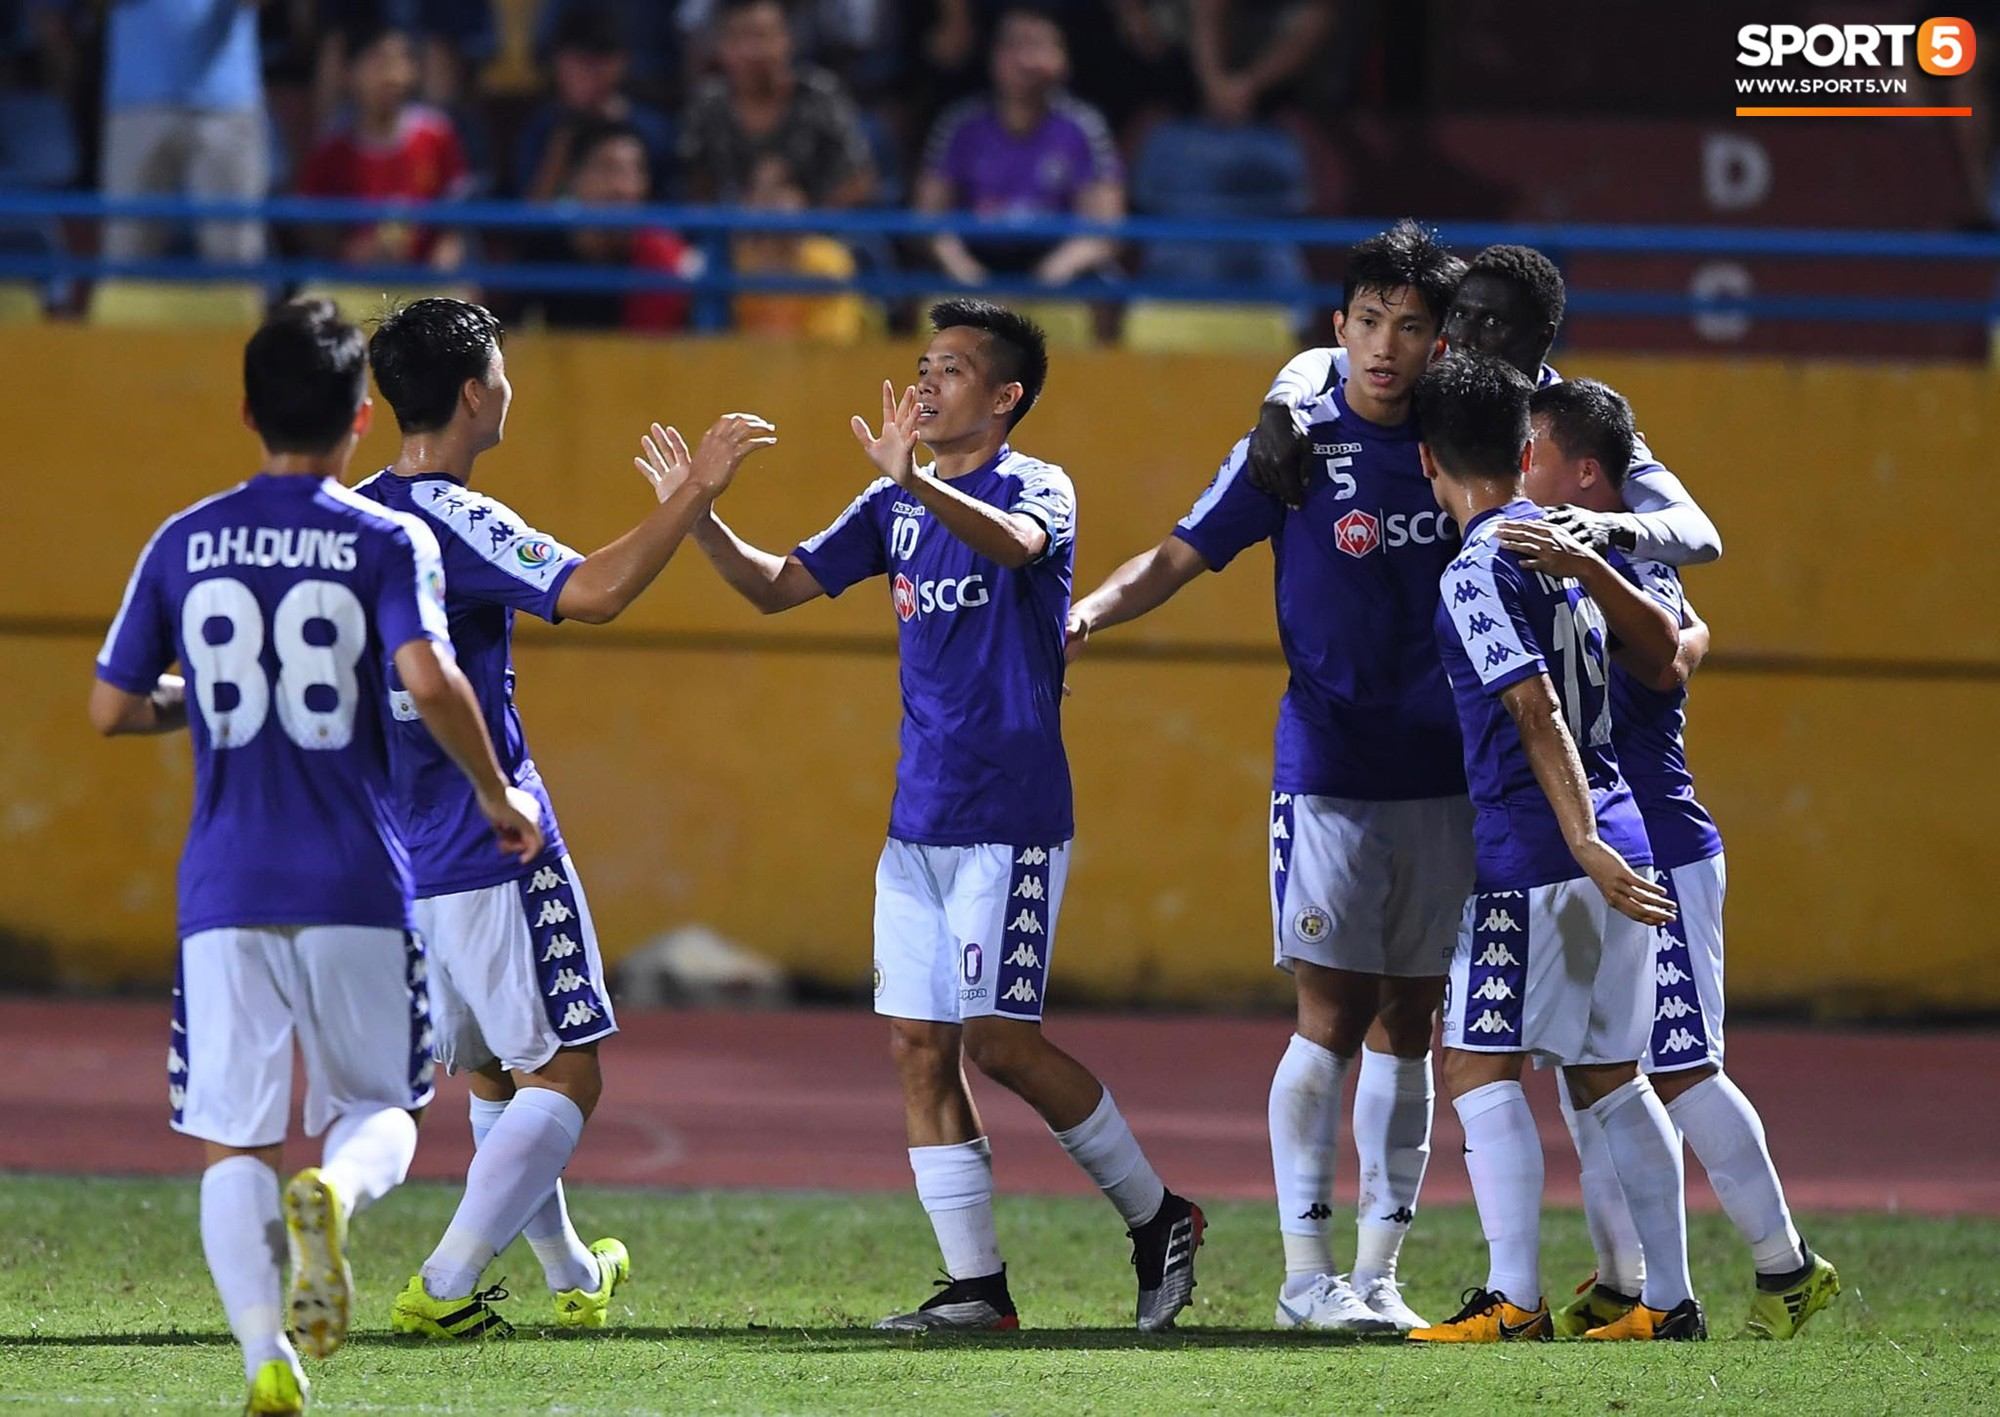 Trước tin đồn đến châu Âu thi đấu, Đoàn Văn Hậu vẫn nỗ lực hết mình vì Hà Nội FC-13